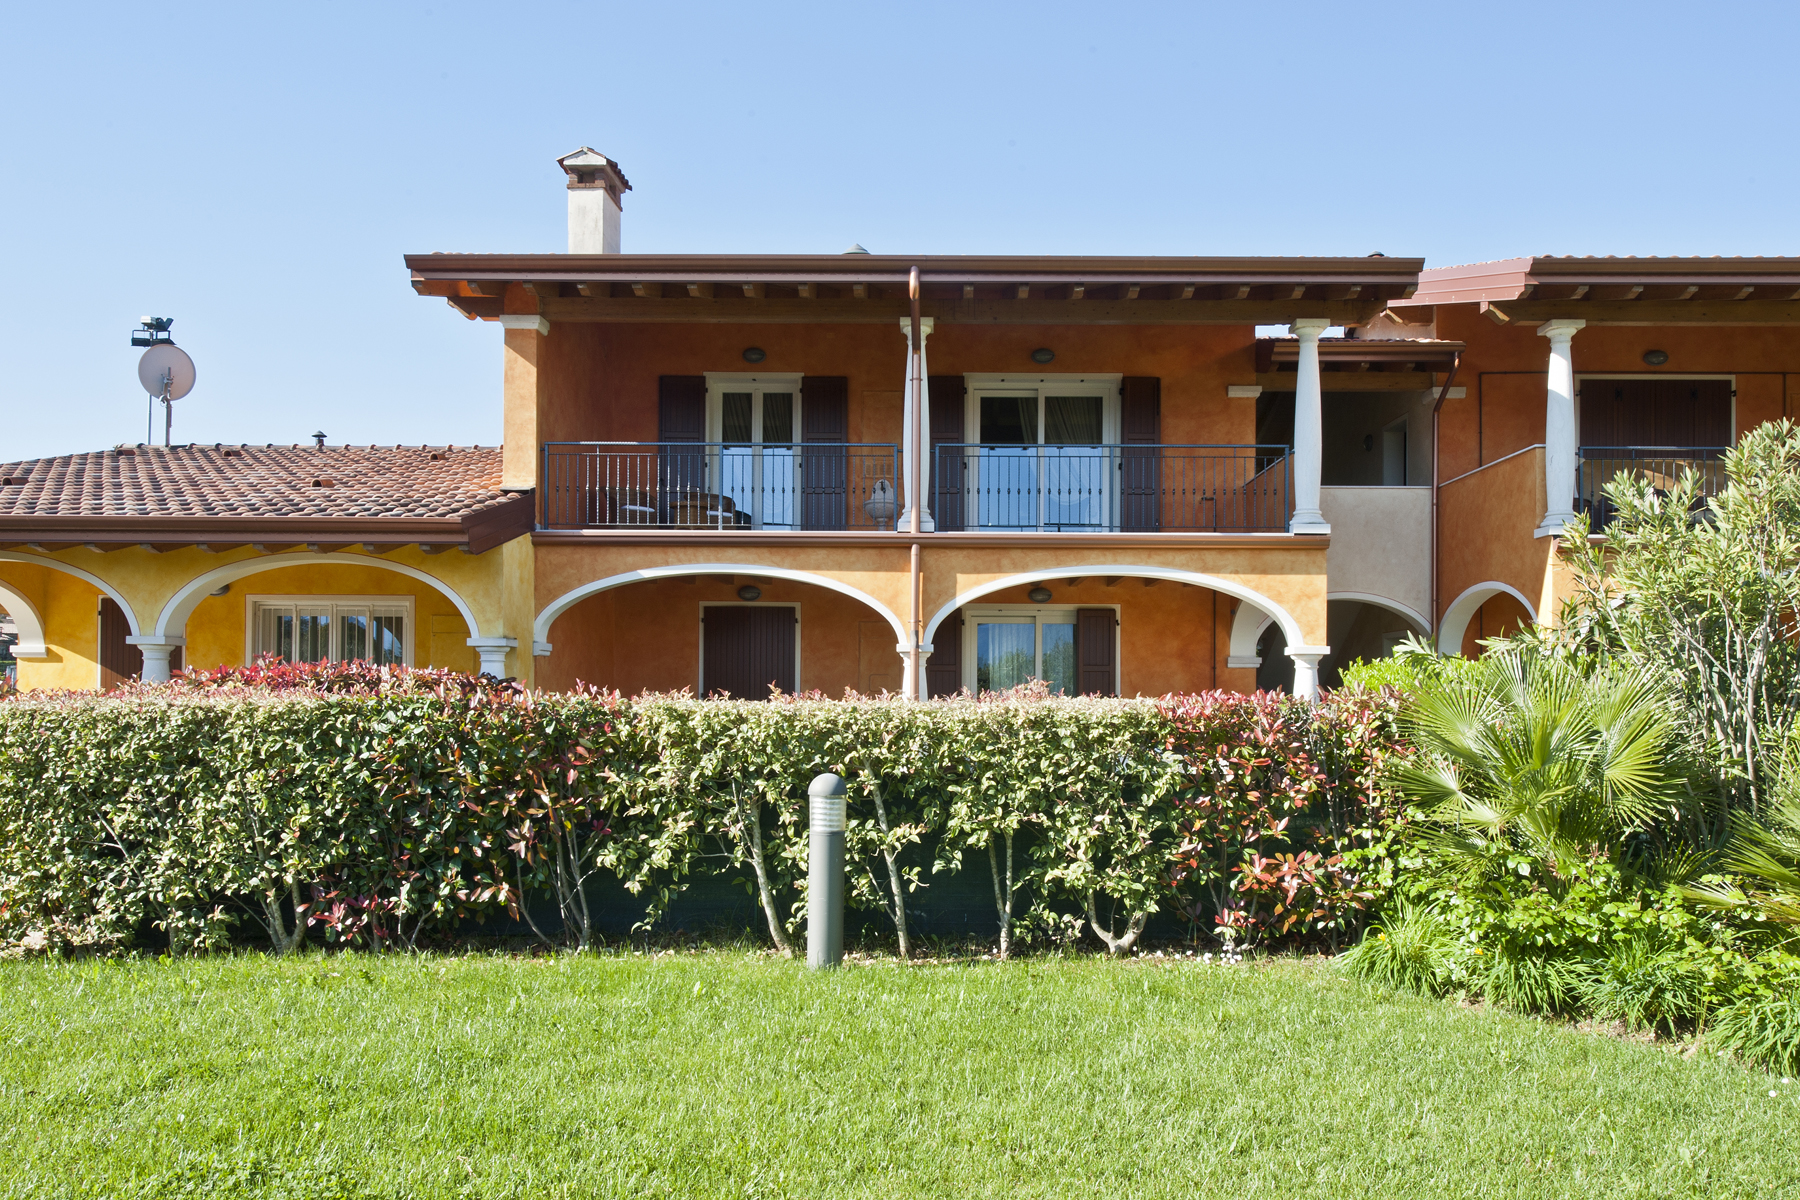 Appartamento per Vendita alle ore Elegante appartamento a Manerba del Garda Via del Rio Other Brescia, Brescia 25080 Italia